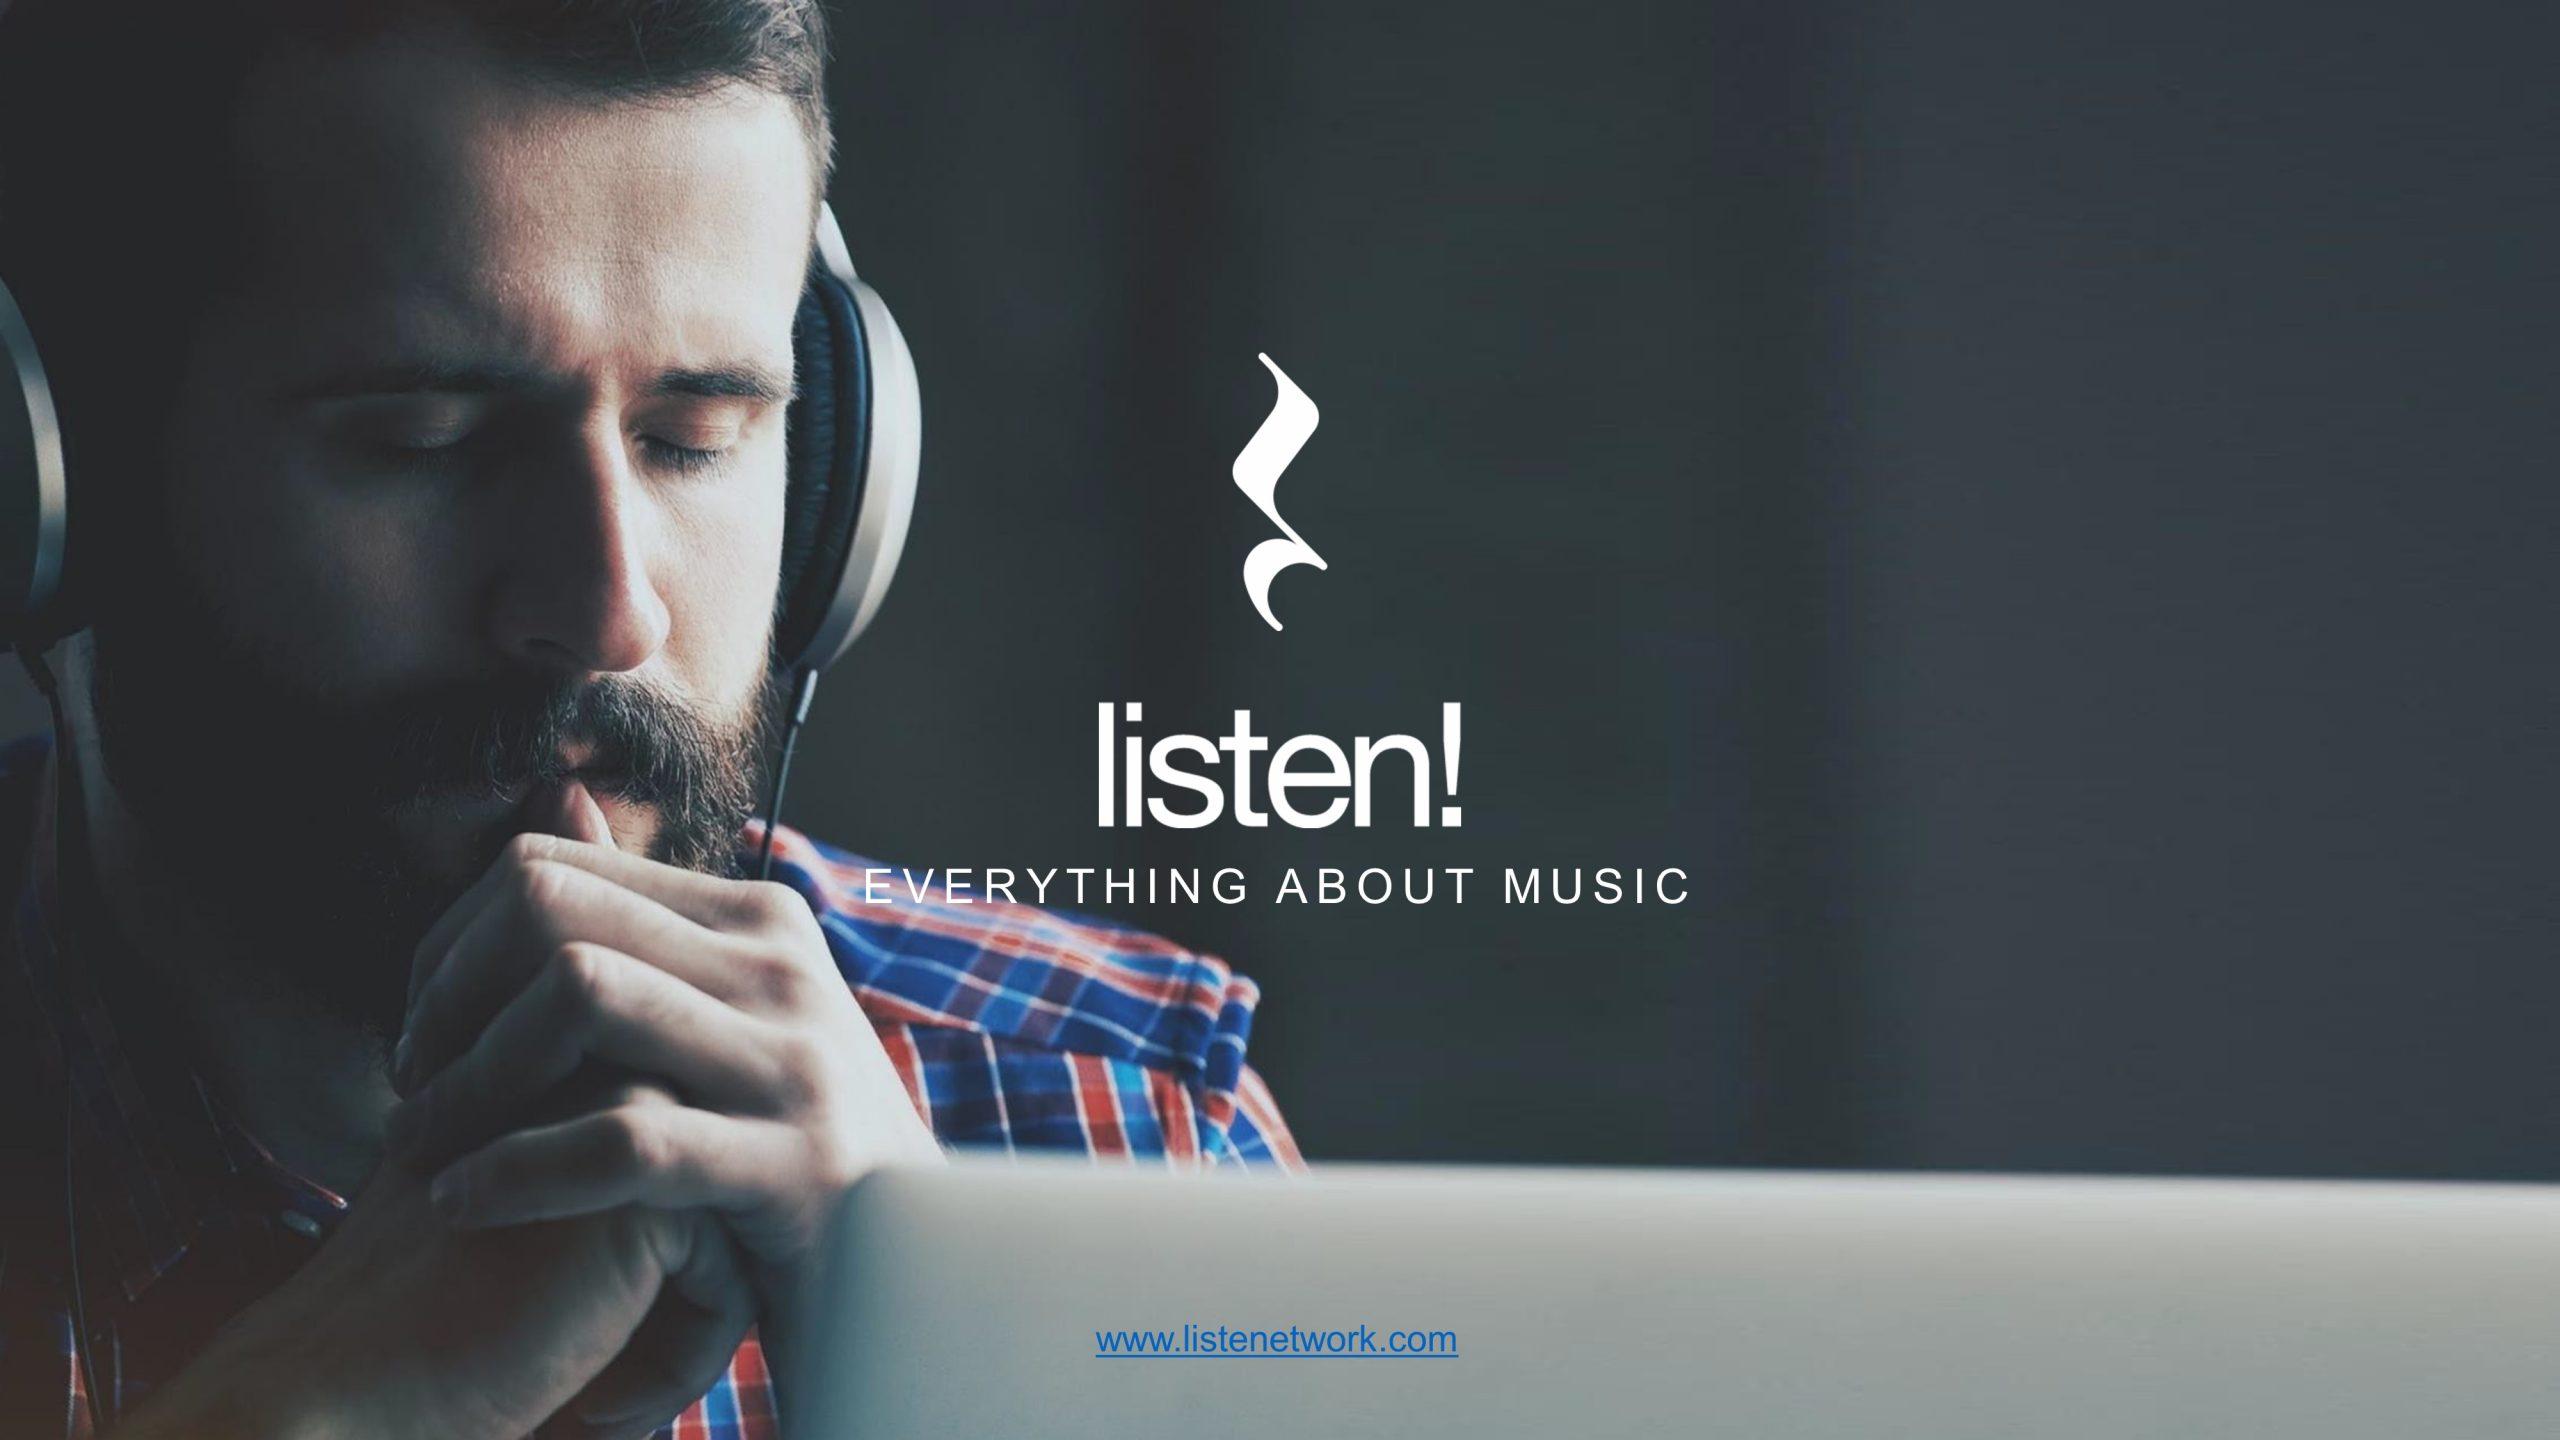 Listen! slideshow 1 - 83bis design studio